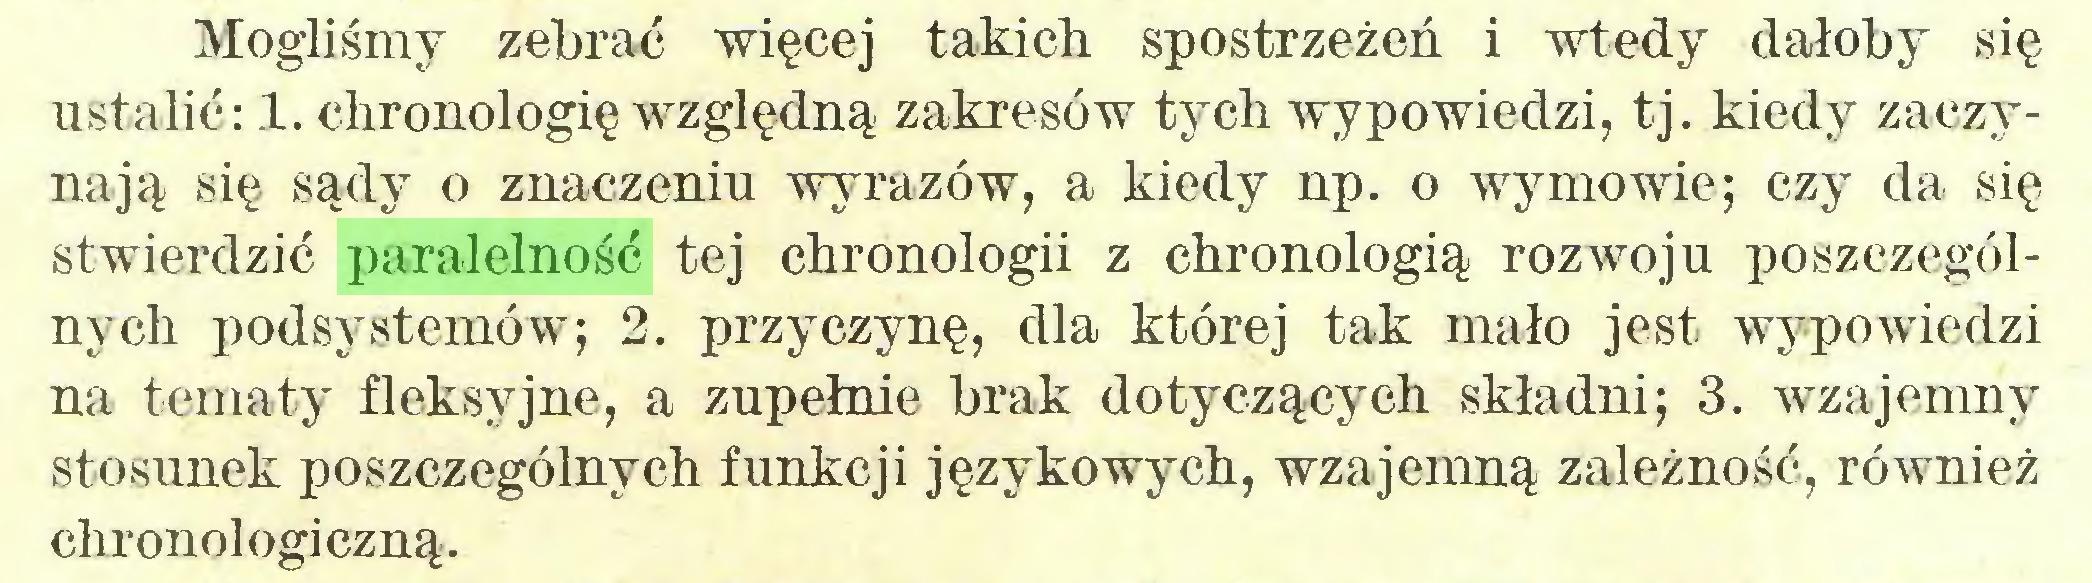 (...) Mogliśmy zebrać więcej takich spostrzeżeń i wtedy dałoby się ustalić: 1. chronologię względną zakresów tych wypowiedzi, tj. kiedy zaczynają się sądy o znaczeniu wyrazów, a kiedy np. o wymowie; czy da się stwierdzić paralelność tej chronologii z chronologią rozwoju poszczególnych podsystemów; 2. przyczynę, dla której tak mało jest wypowiedzi na tematy fleksyjne, a zupełnie brak dotyczących składni; 3. wzajemny stosunek poszczególnych funkcji językowych, wzajemną zależność, również chronologiczną...